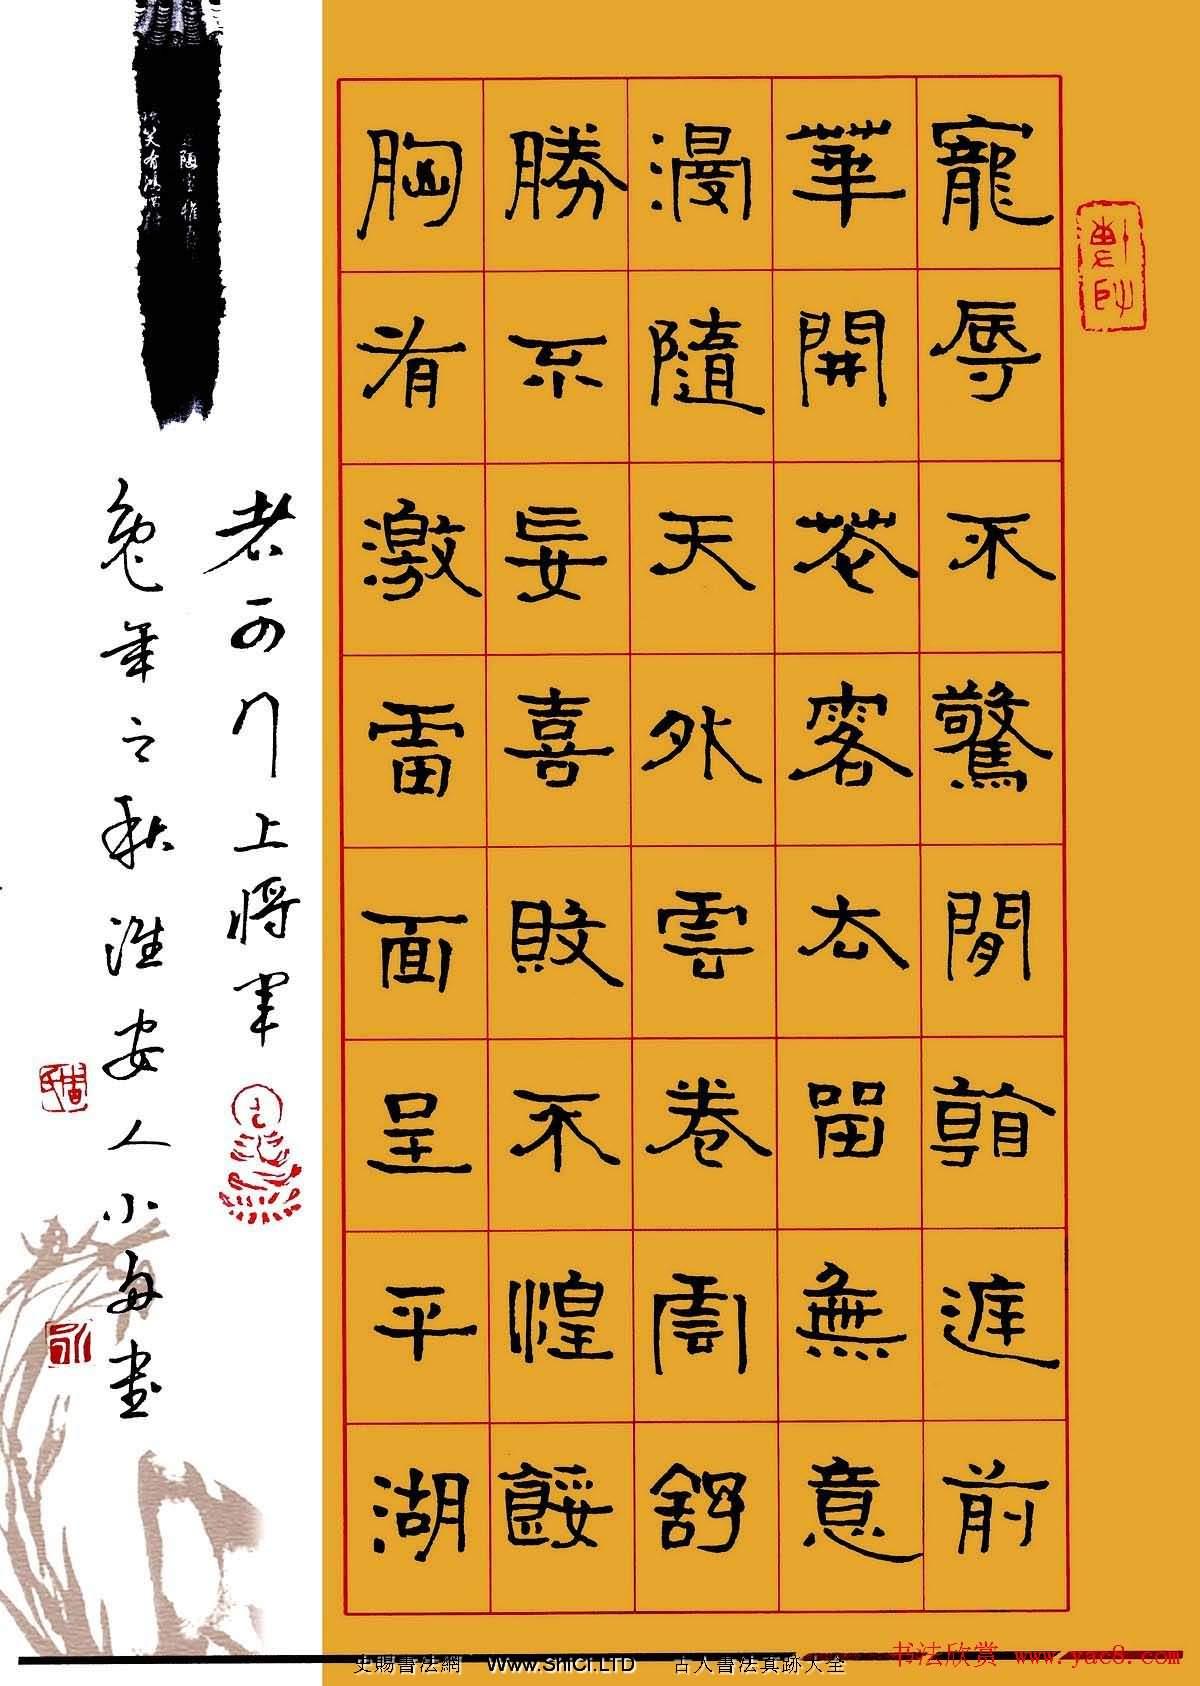 江蘇周永硬筆書法作品真跡欣賞(共27張圖片)